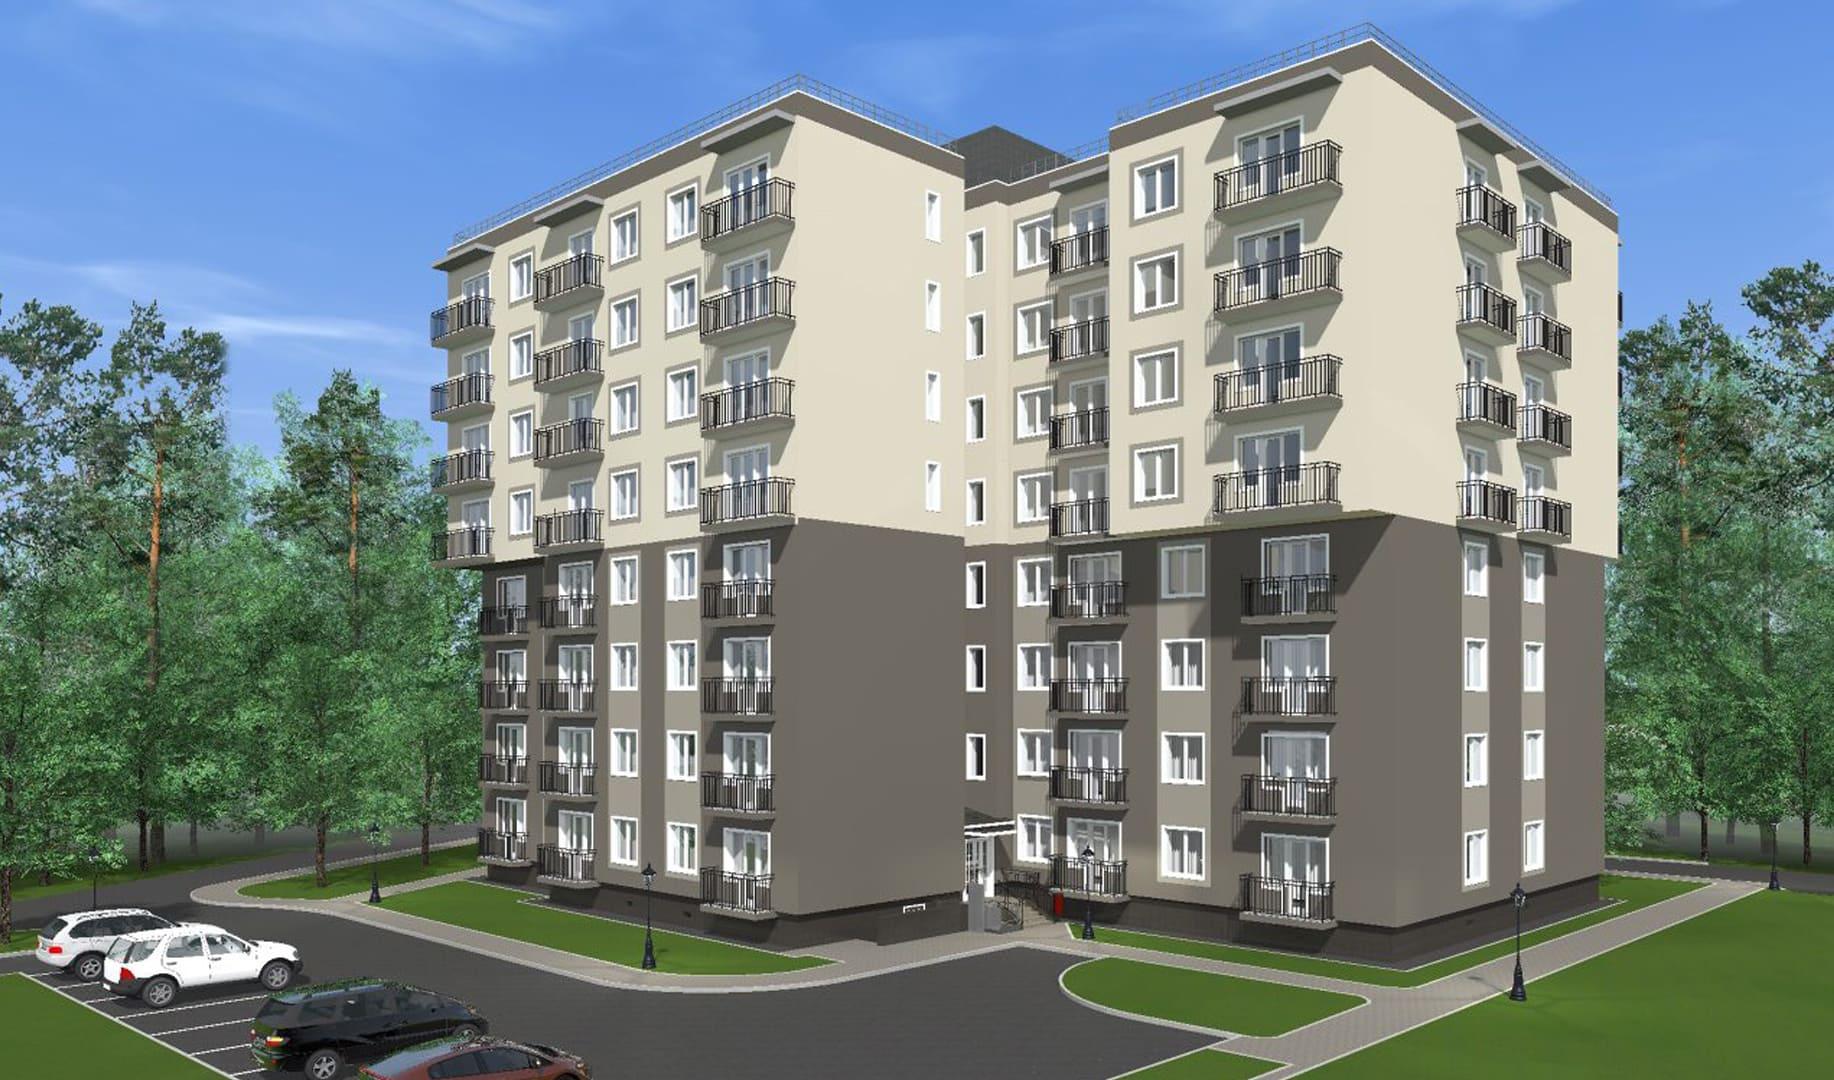 Жилой дом на улице Сосновая, г. Светлогорск - Фотография 1